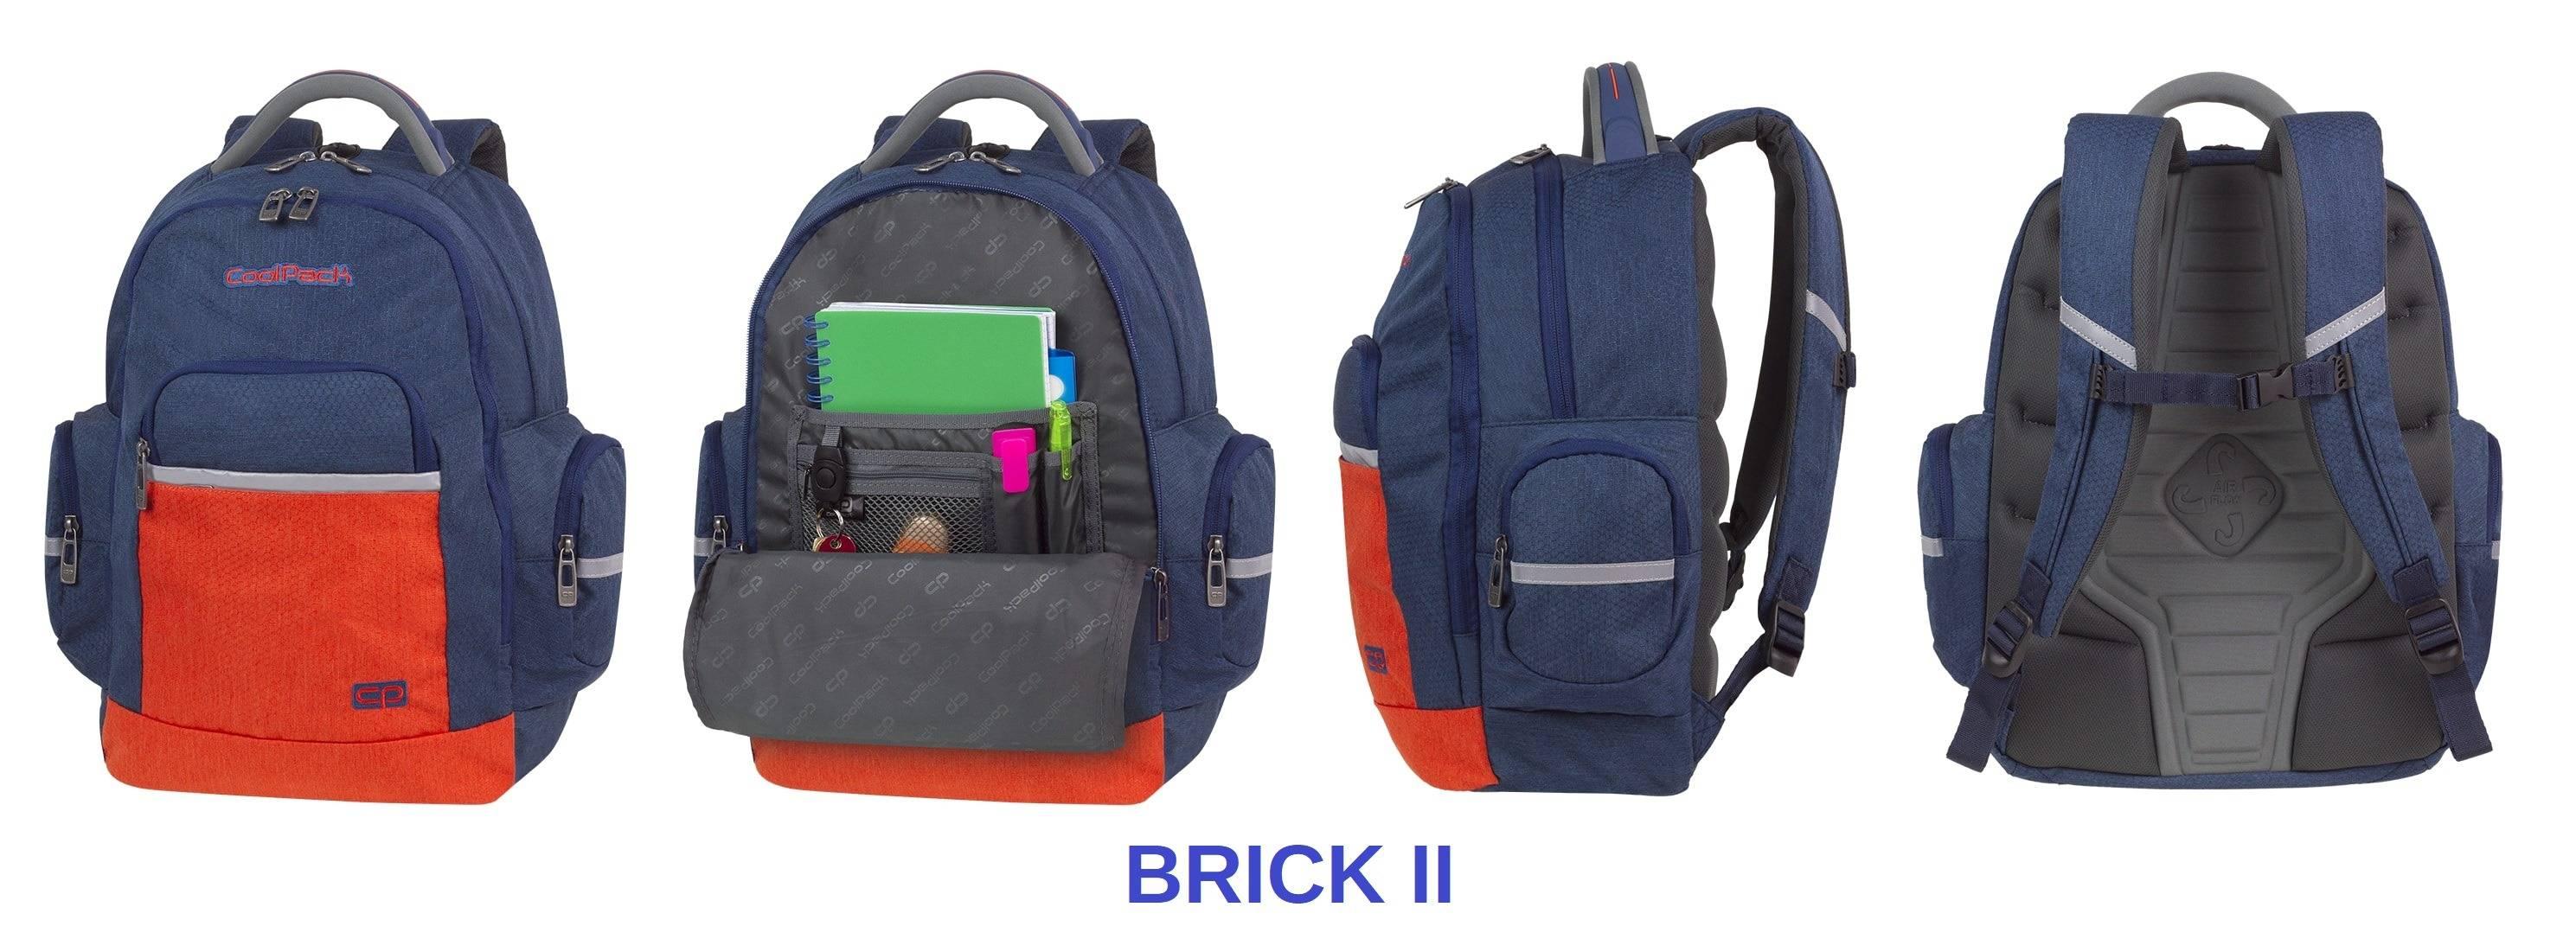 Brick CP - przyjazny dla kręgosłupa plecak do szkoły od CoolPacka